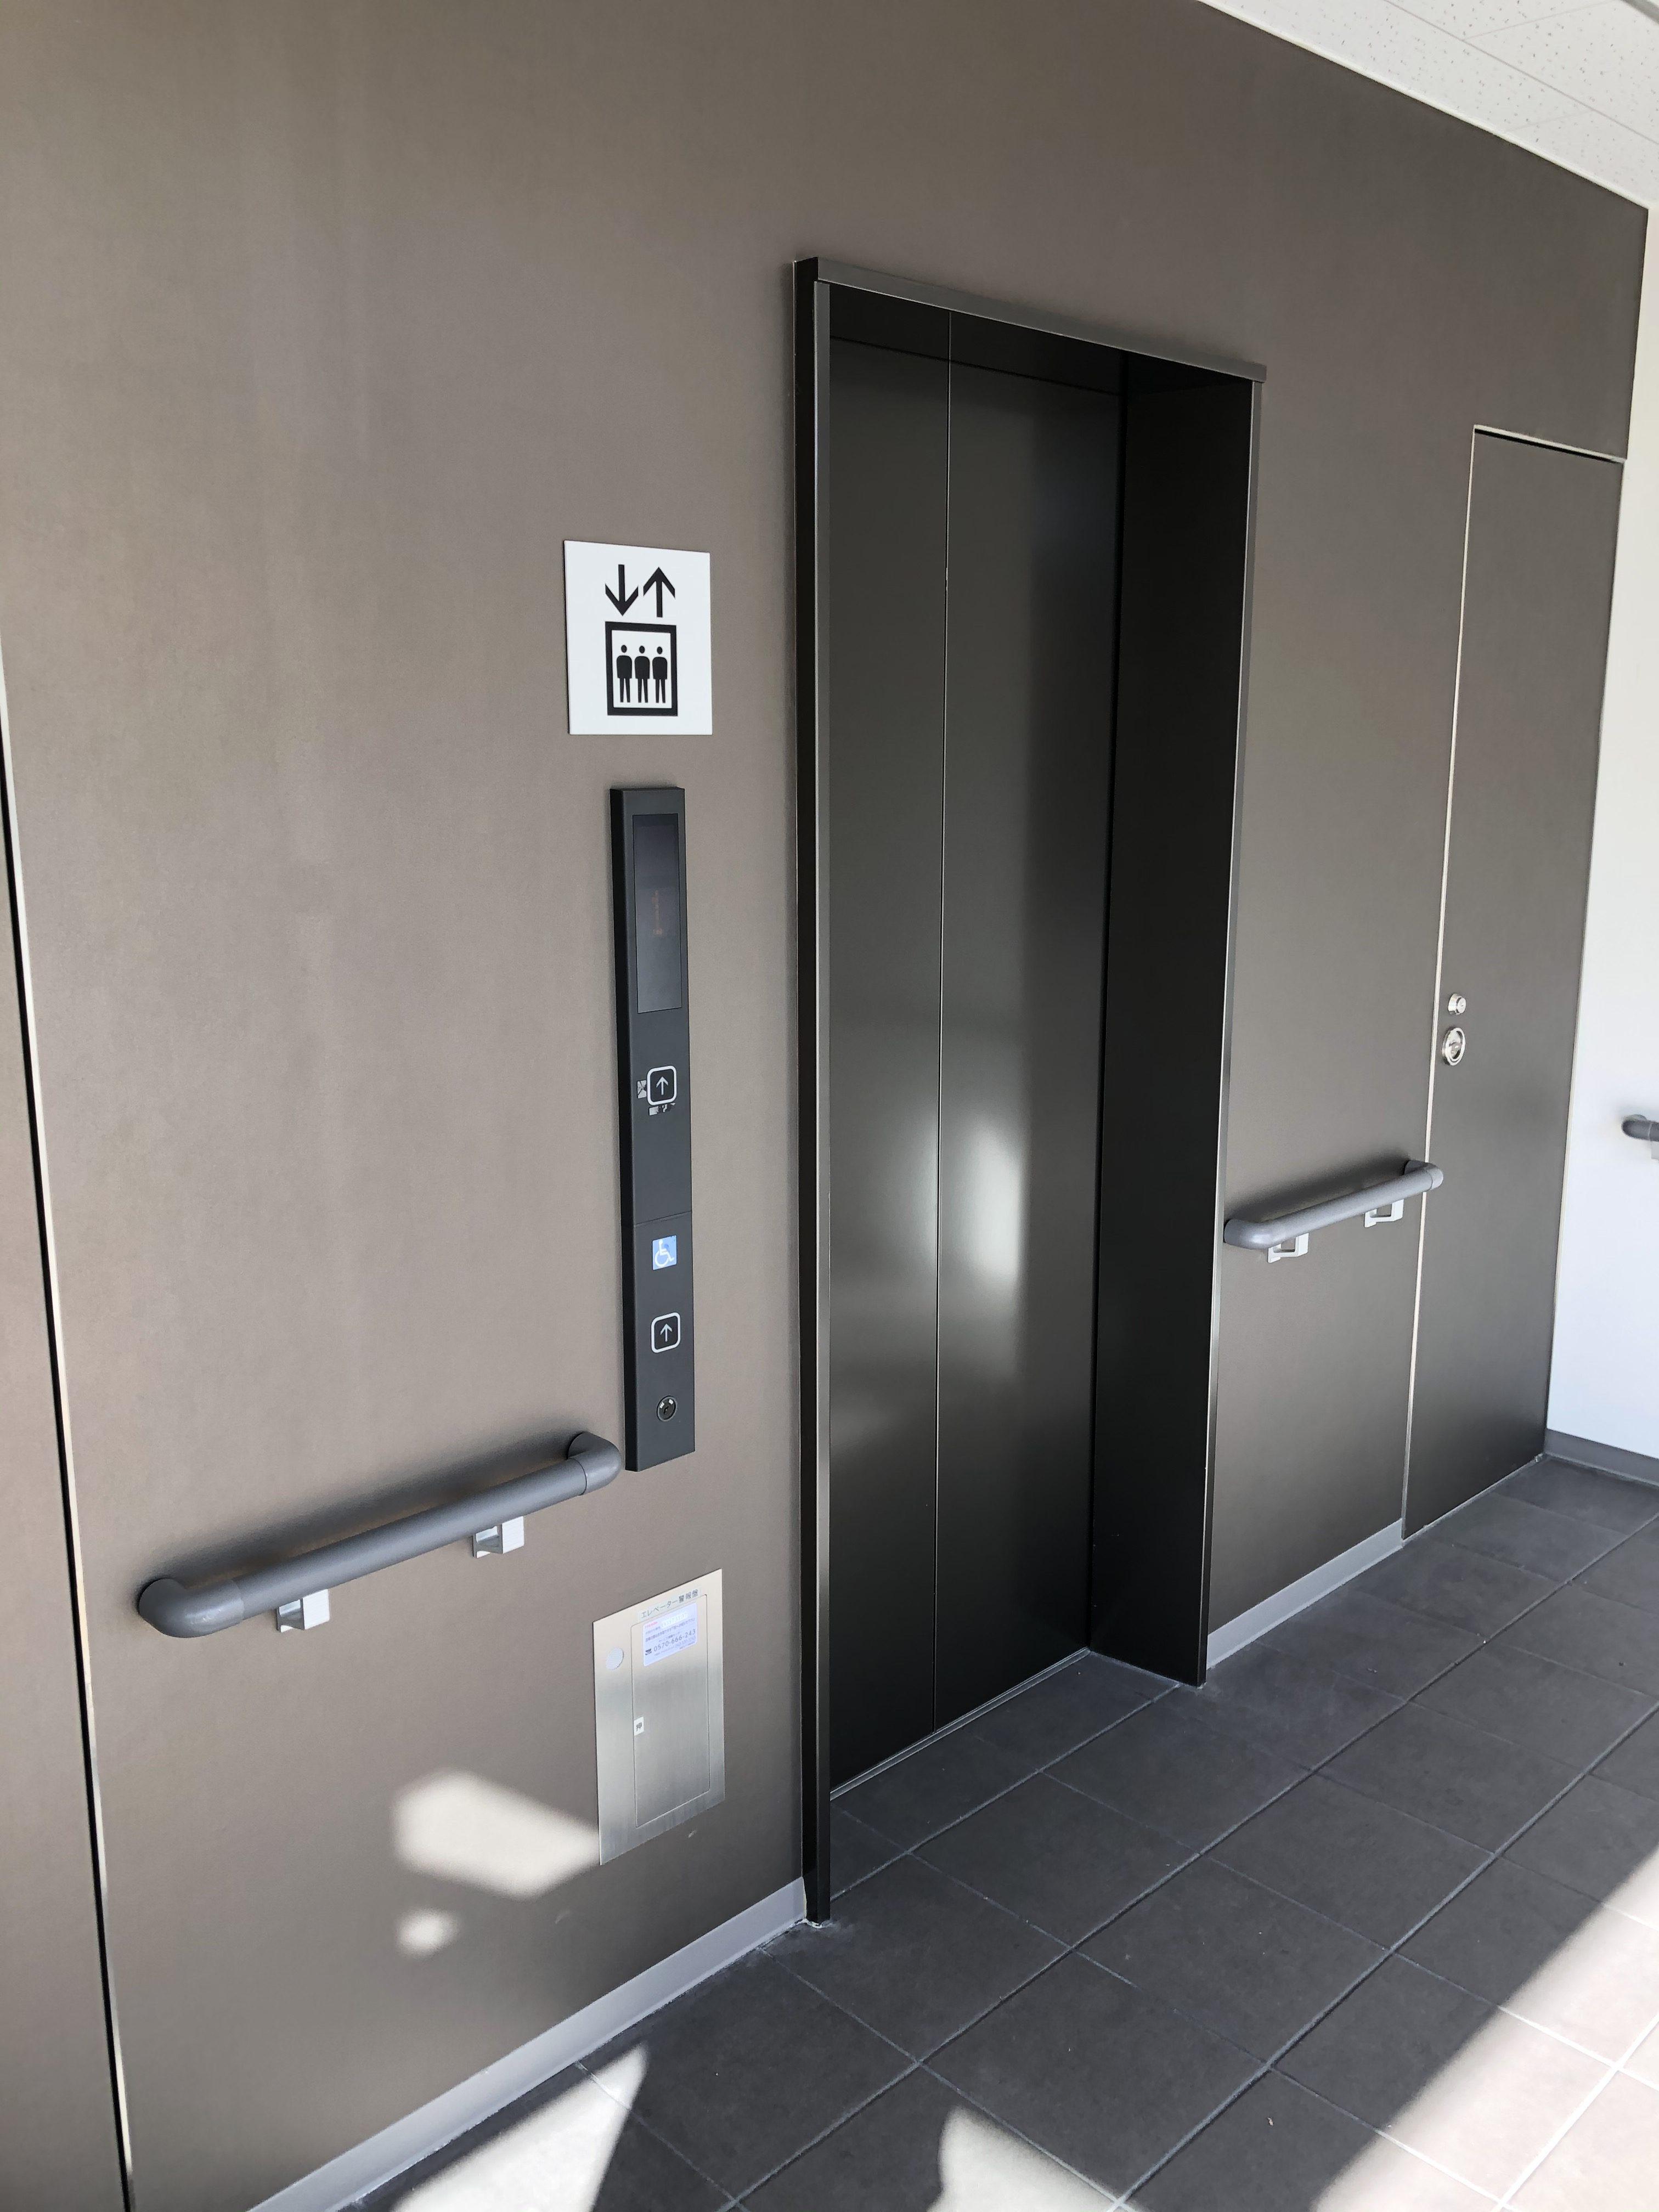 イナバボックス レンタルルーム藤が丘店 エレベーター有